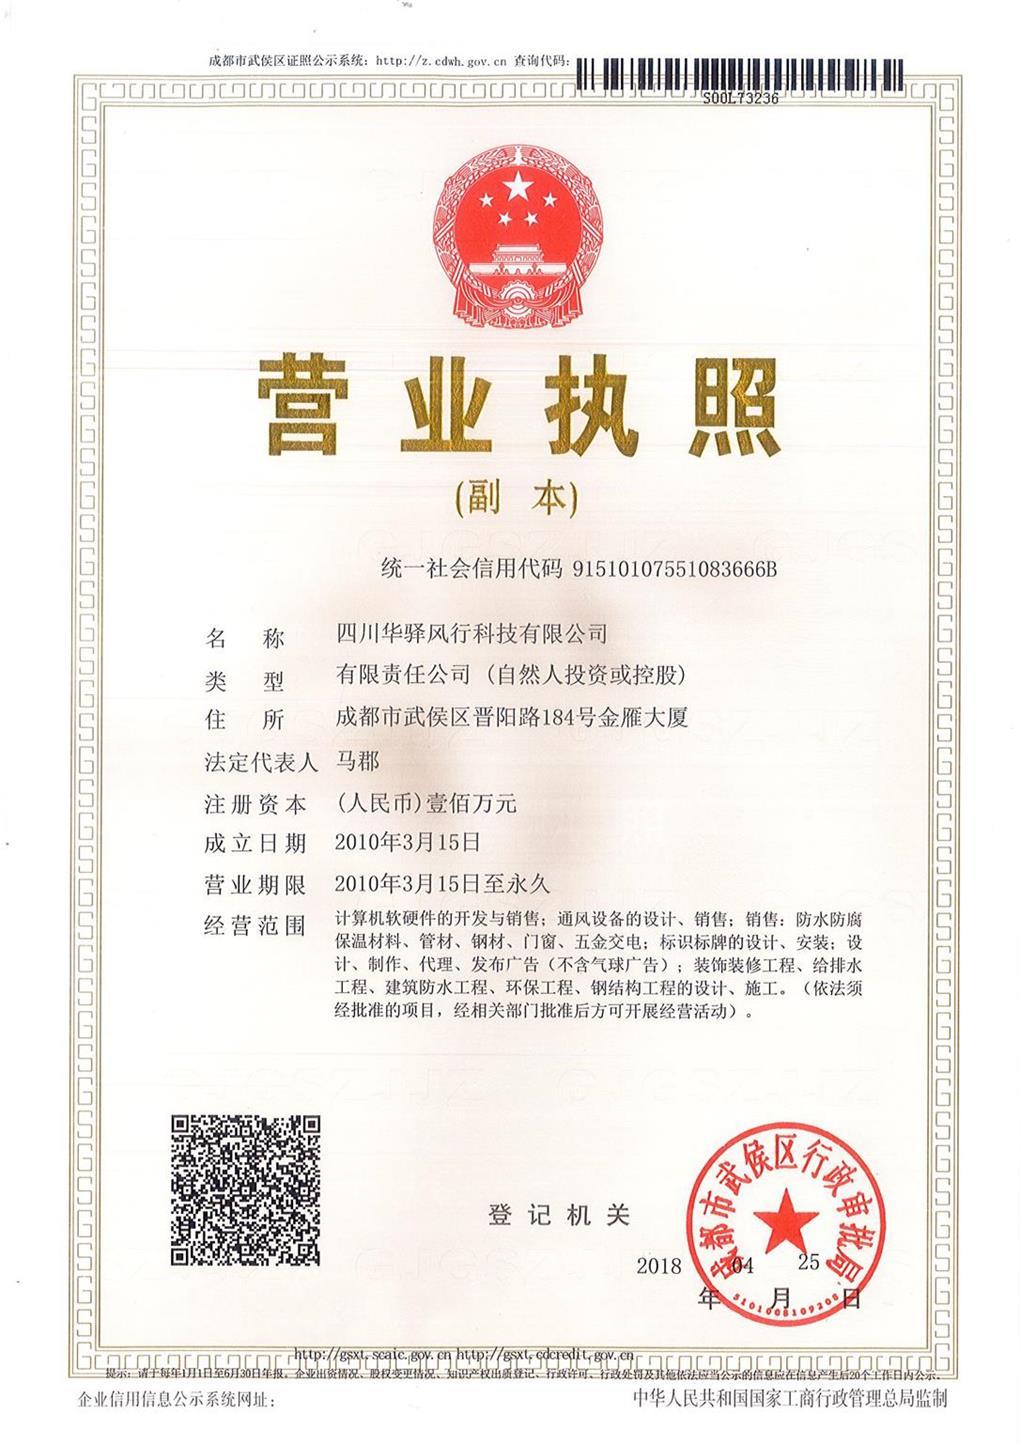 四川华驿风行科技有限公司营业执照